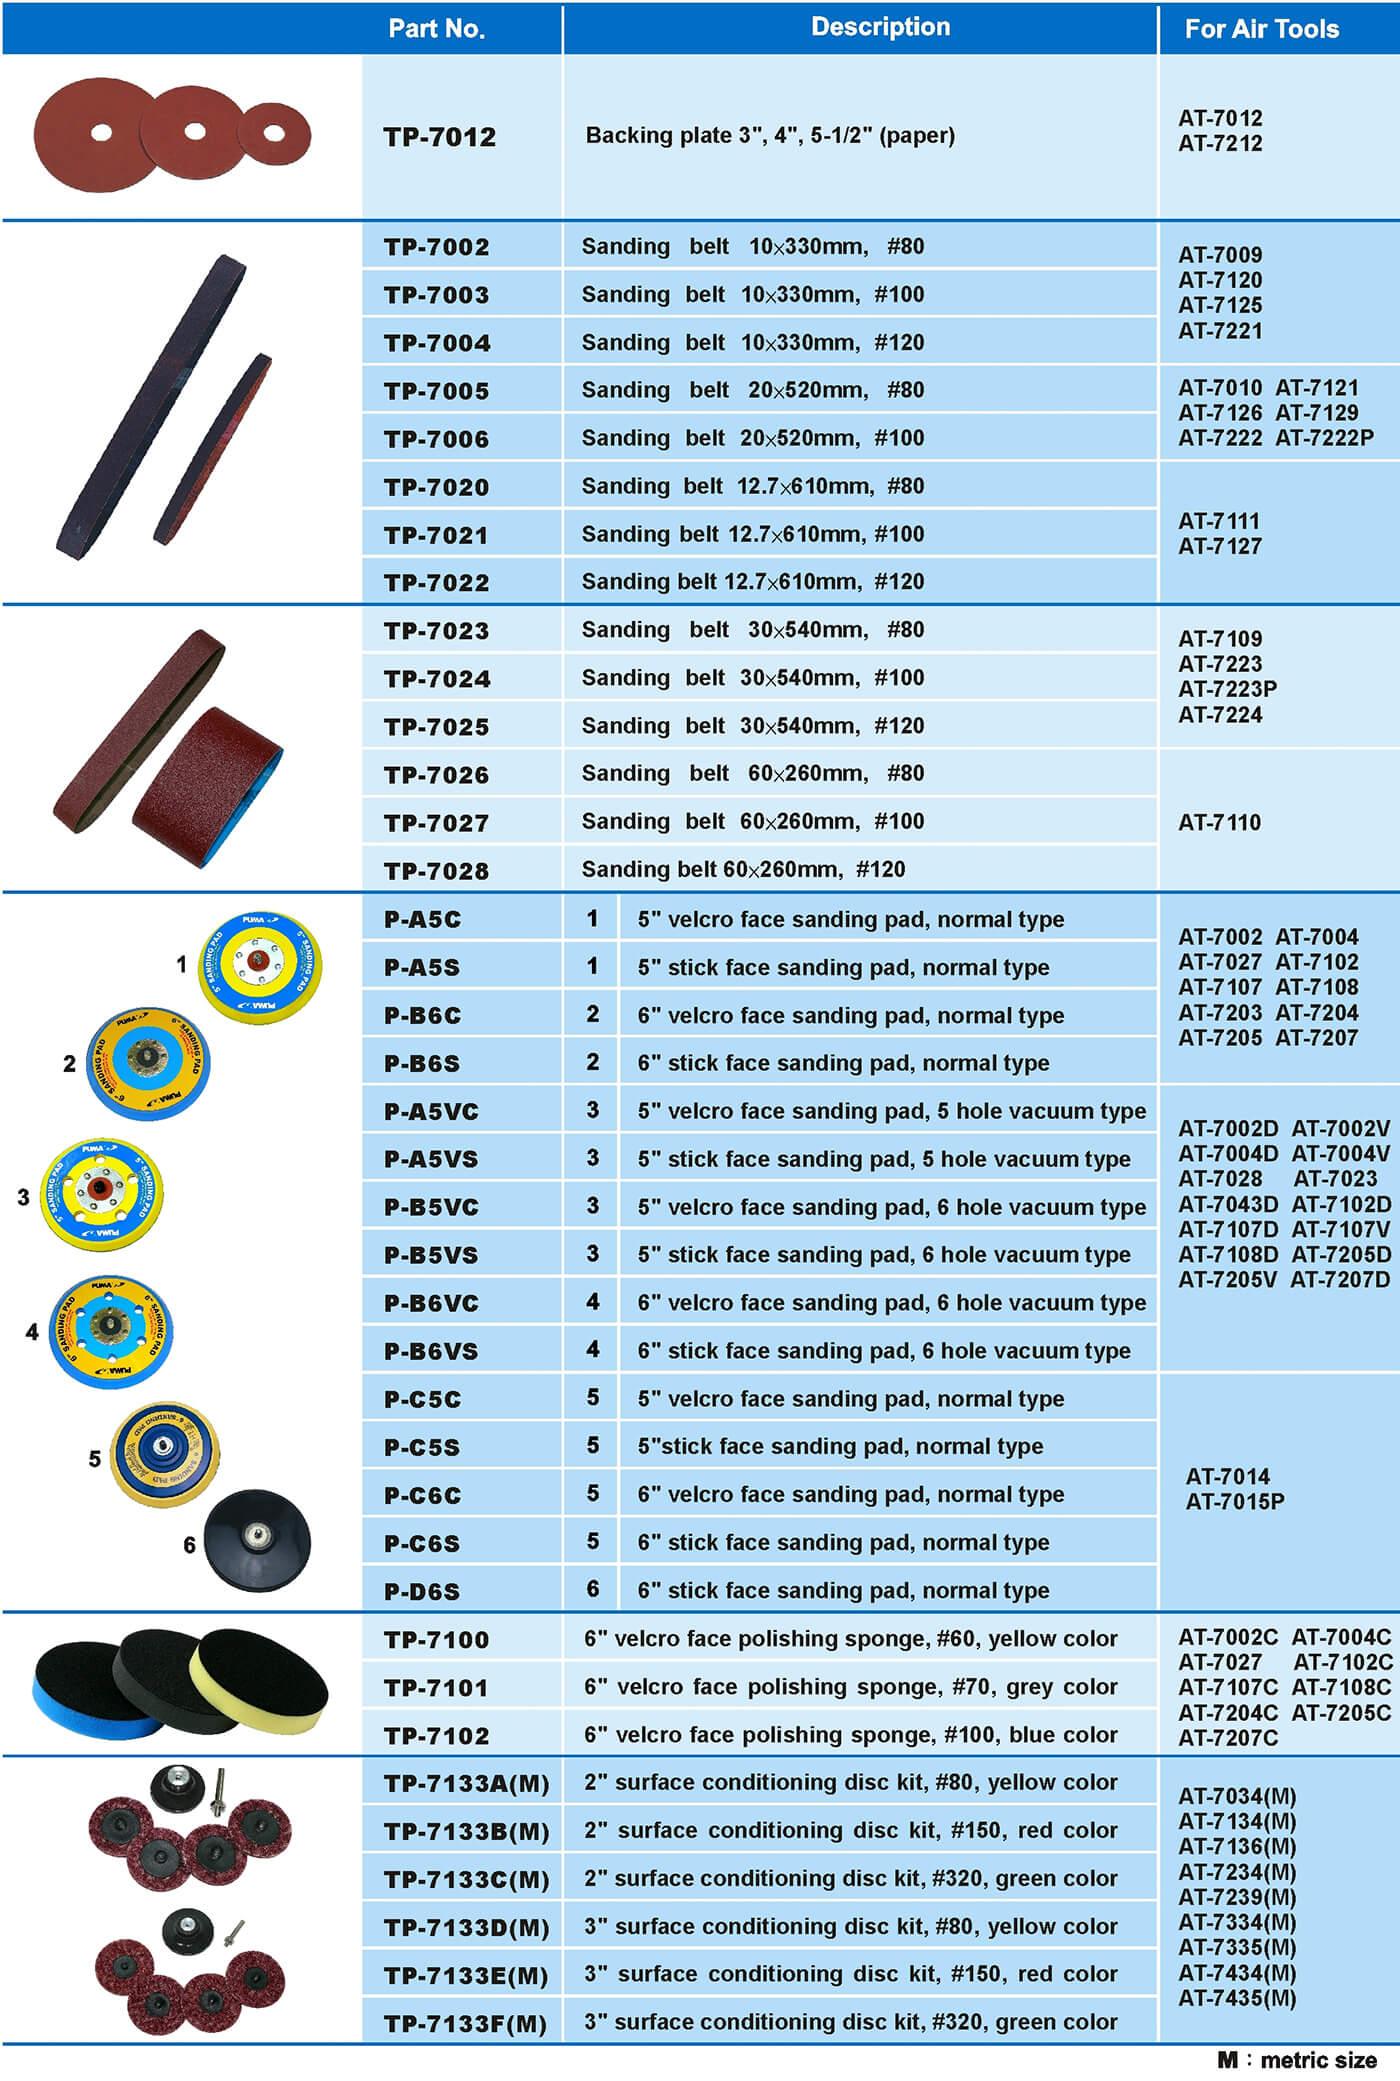 views/proimages/pd-en/PIC-1980/41_Accessories/P57.jpg